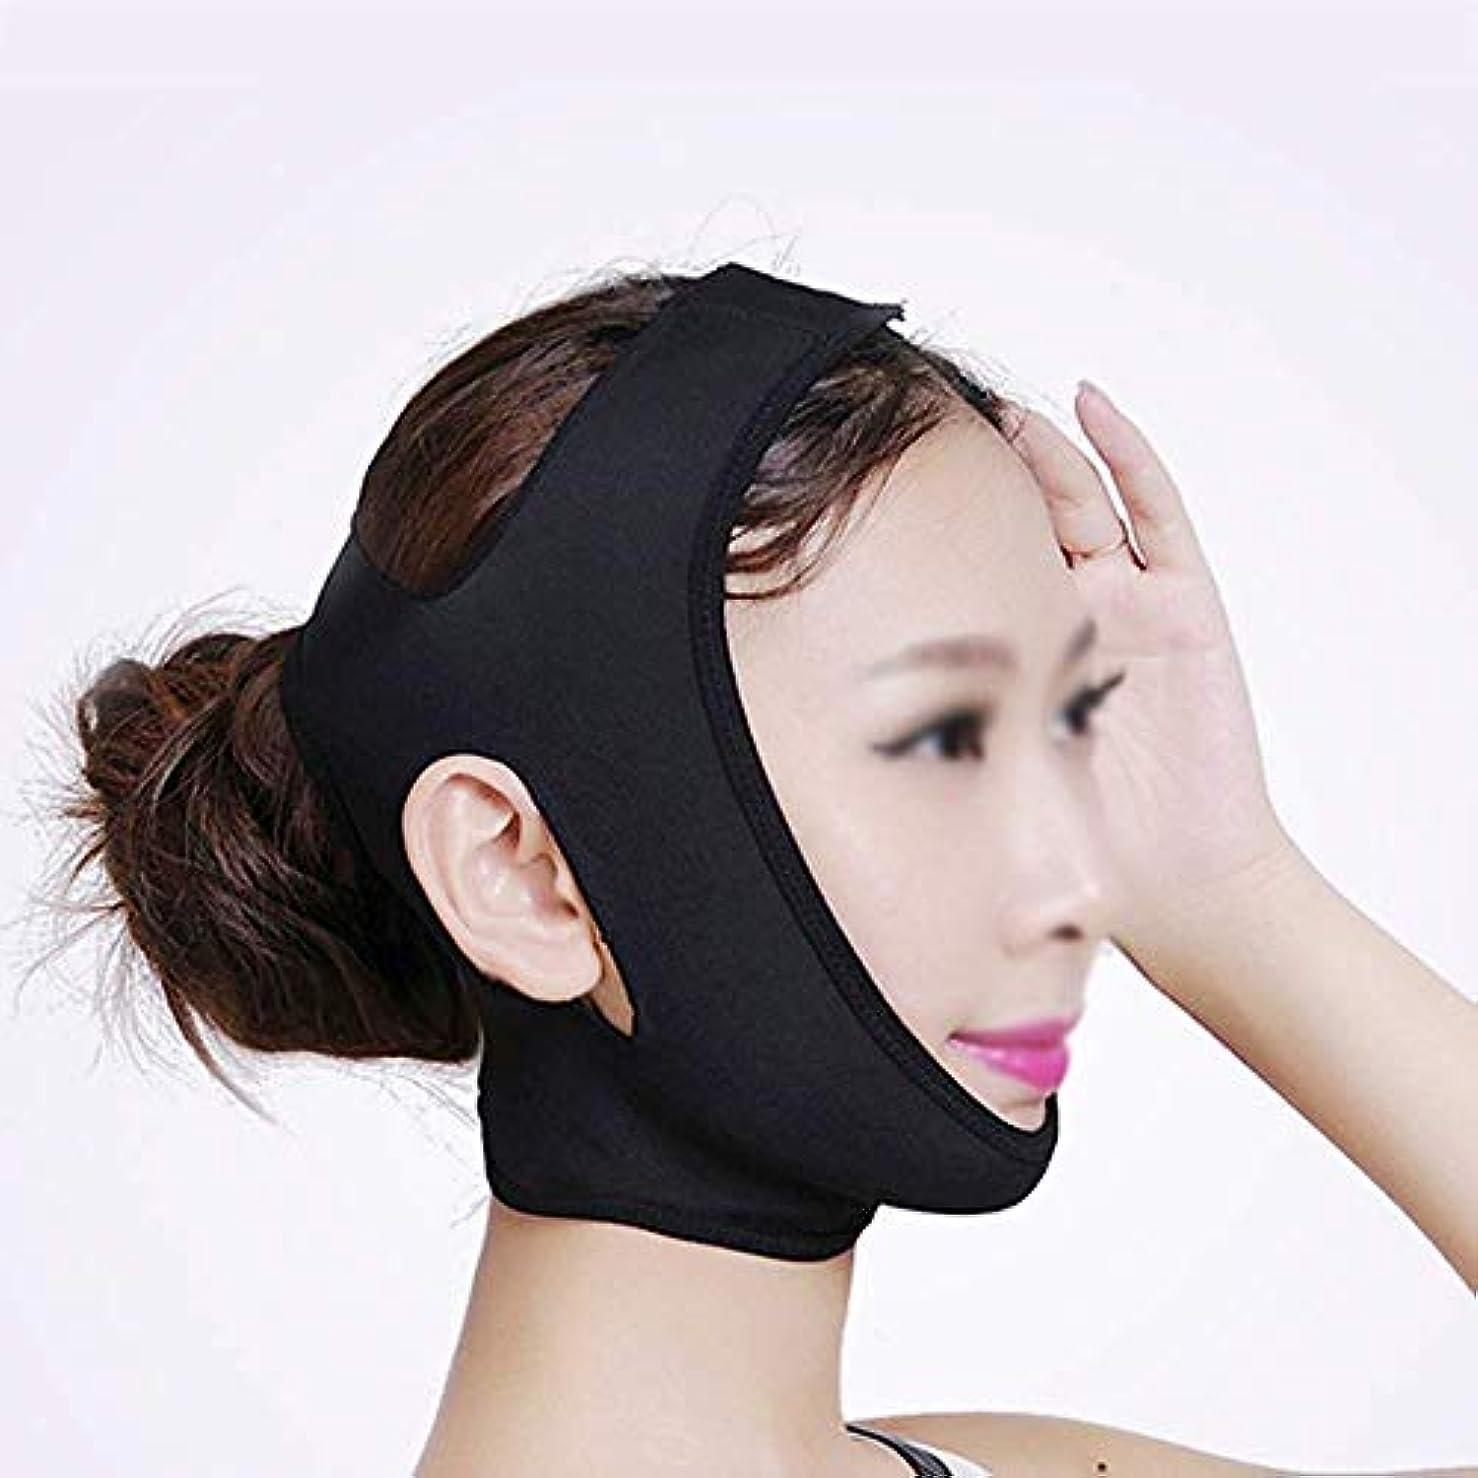 してはいけません経営者テーブルフェイシャル減量マスクリフティングフェイス、フェイスマスク、減量包帯を除去するためのダブルチン、フェイシャルリフティング包帯、ダブルチンを減らすためのリフティングベルト(カラー:ブラック、サイズ:M),黒、XXL